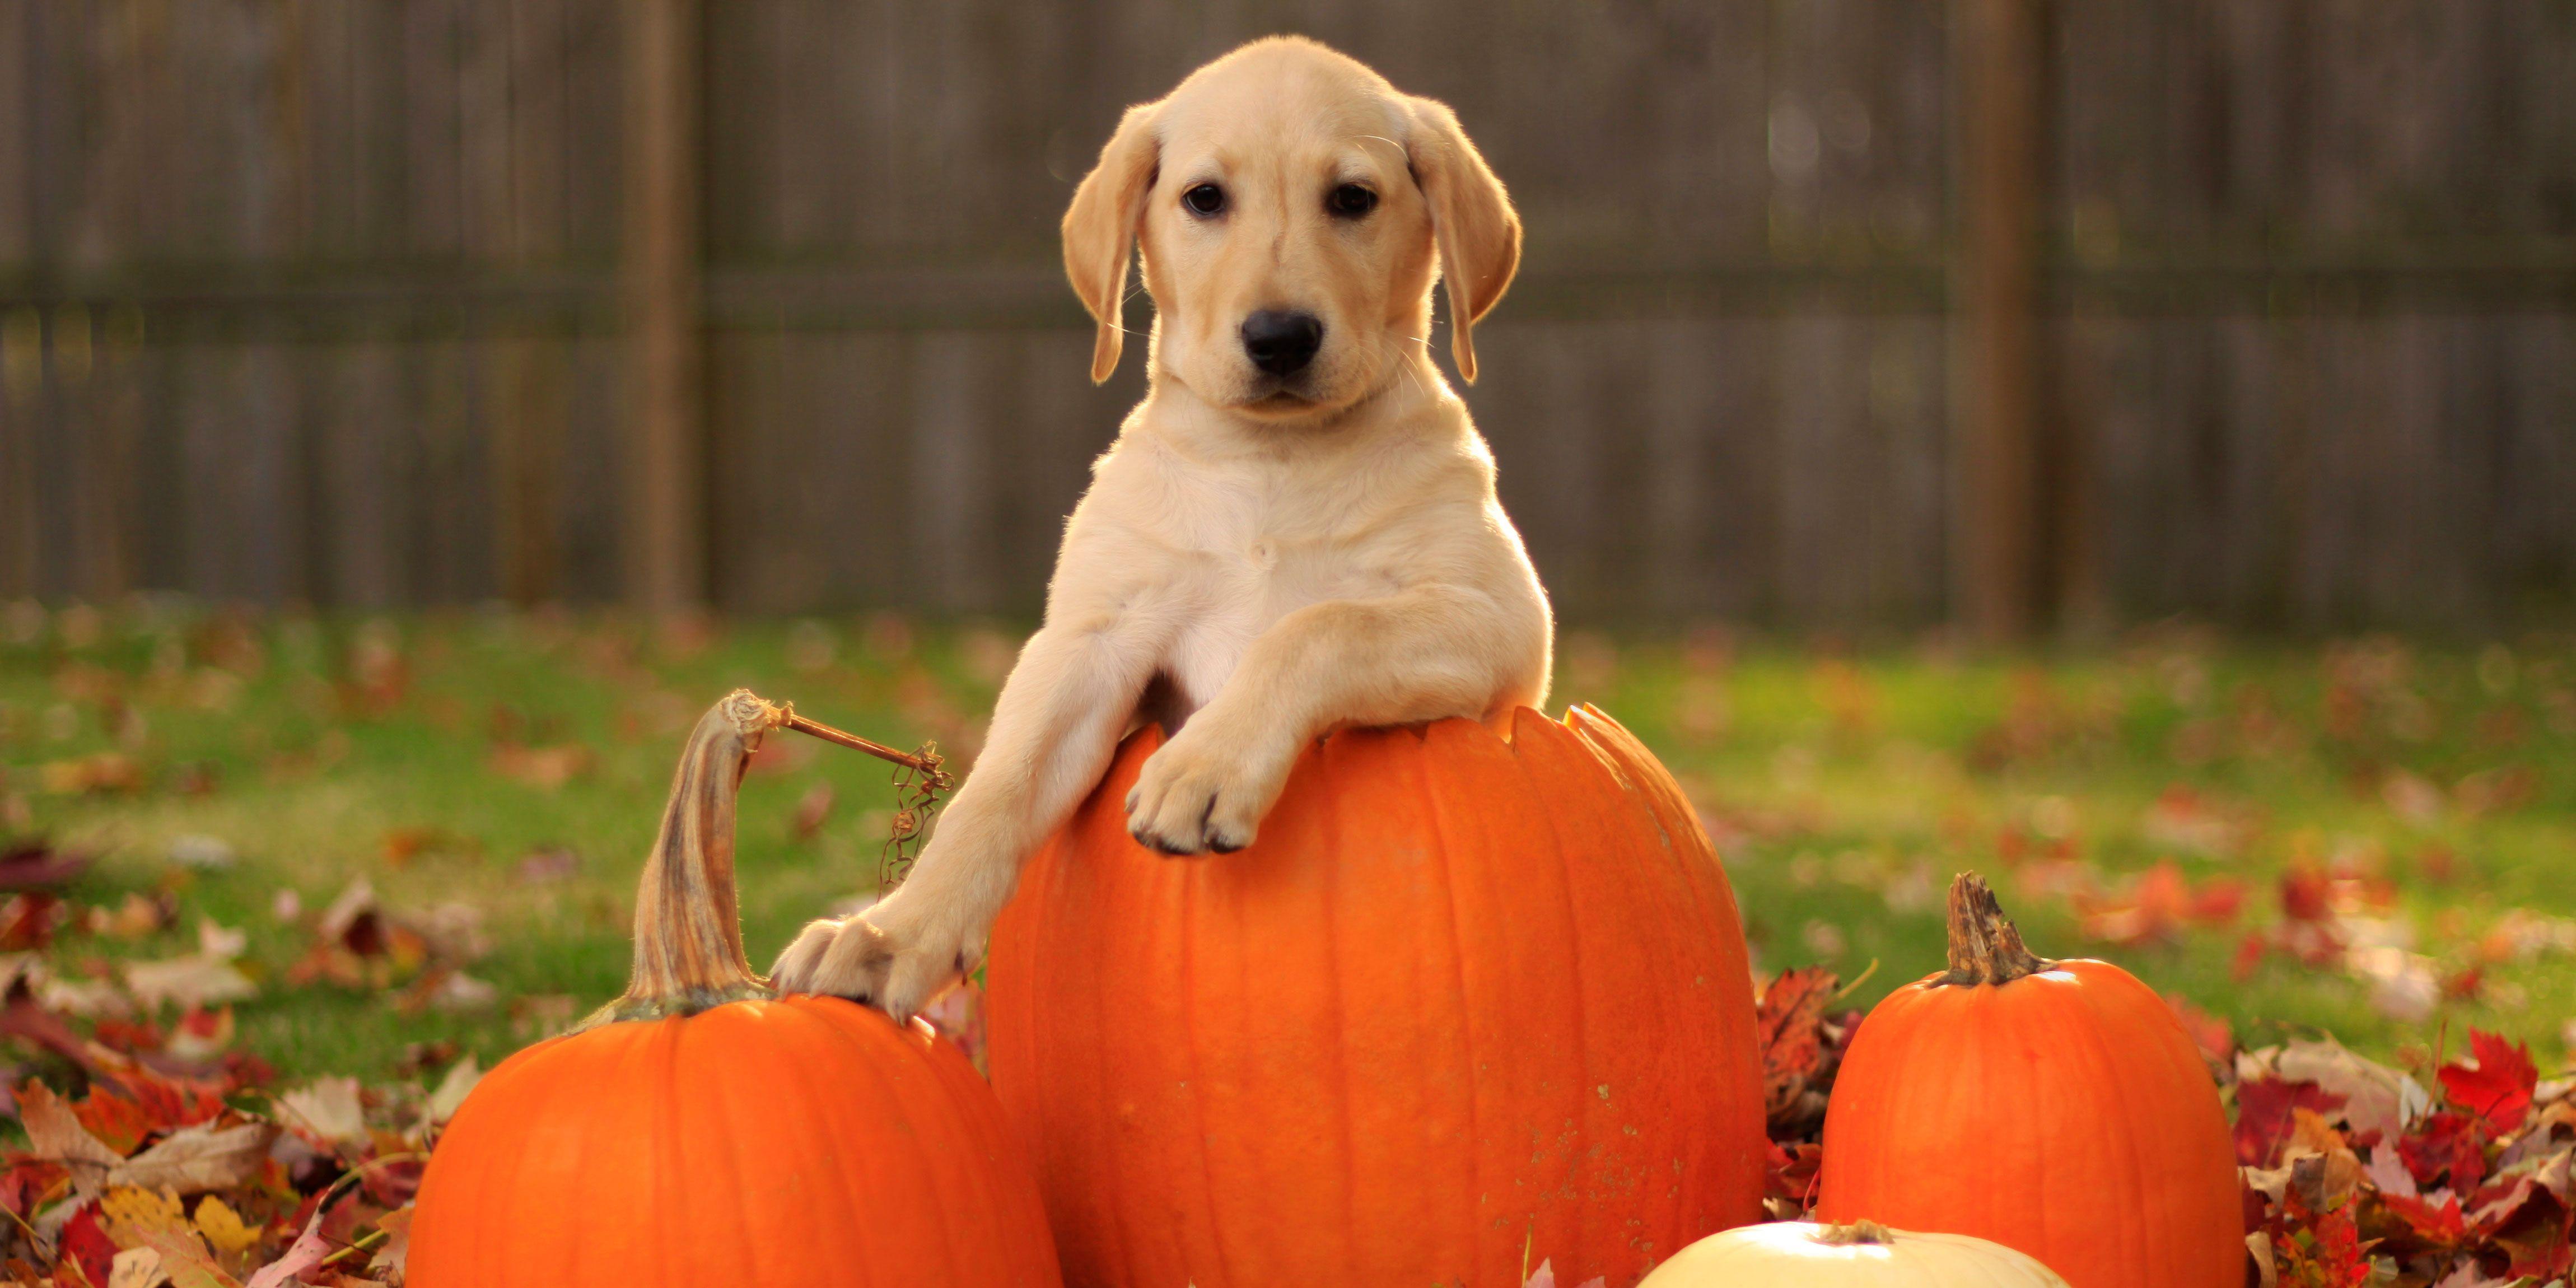 Labrador Retrievers And Pumpkins - Labrador Retrievers In The Autumn